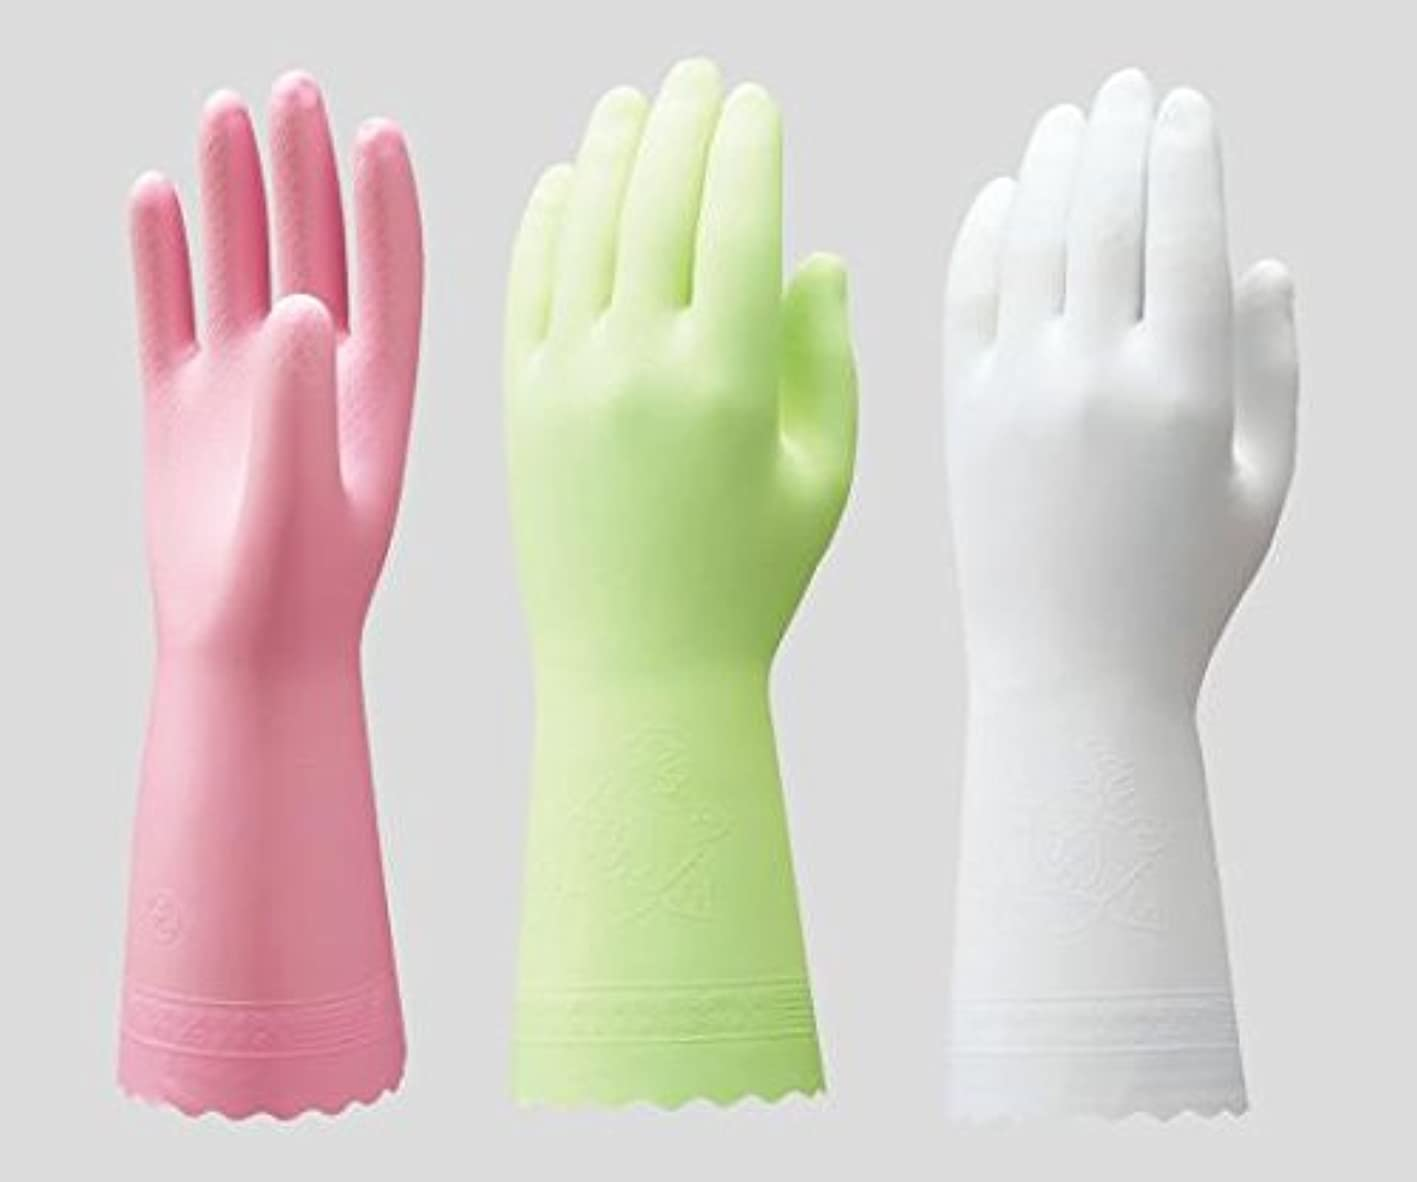 ようこそ差別する白鳥ショーワグローブ2-9143-01ビニトップ手袋薄手裏毛無ホワイトS